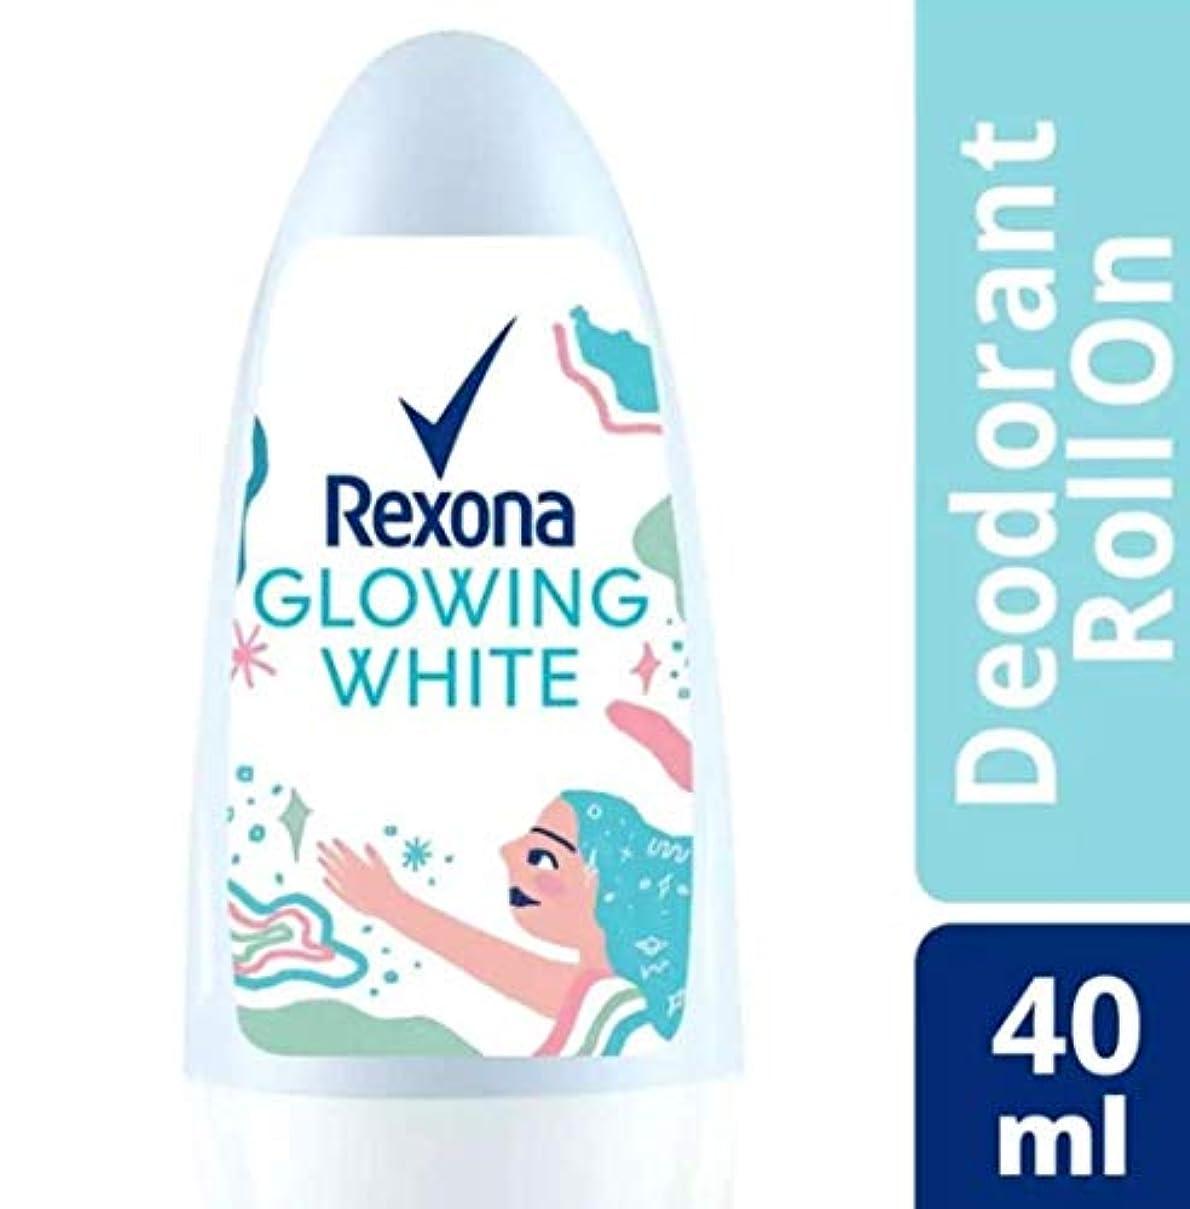 穿孔する完全に乾く倫理的Rexona レクソナ woman 制汗 デオドラント ロールオン GROWING WHITE【アルコール 0%】 ソフトなバラの香り 40ml [並行輸入品]